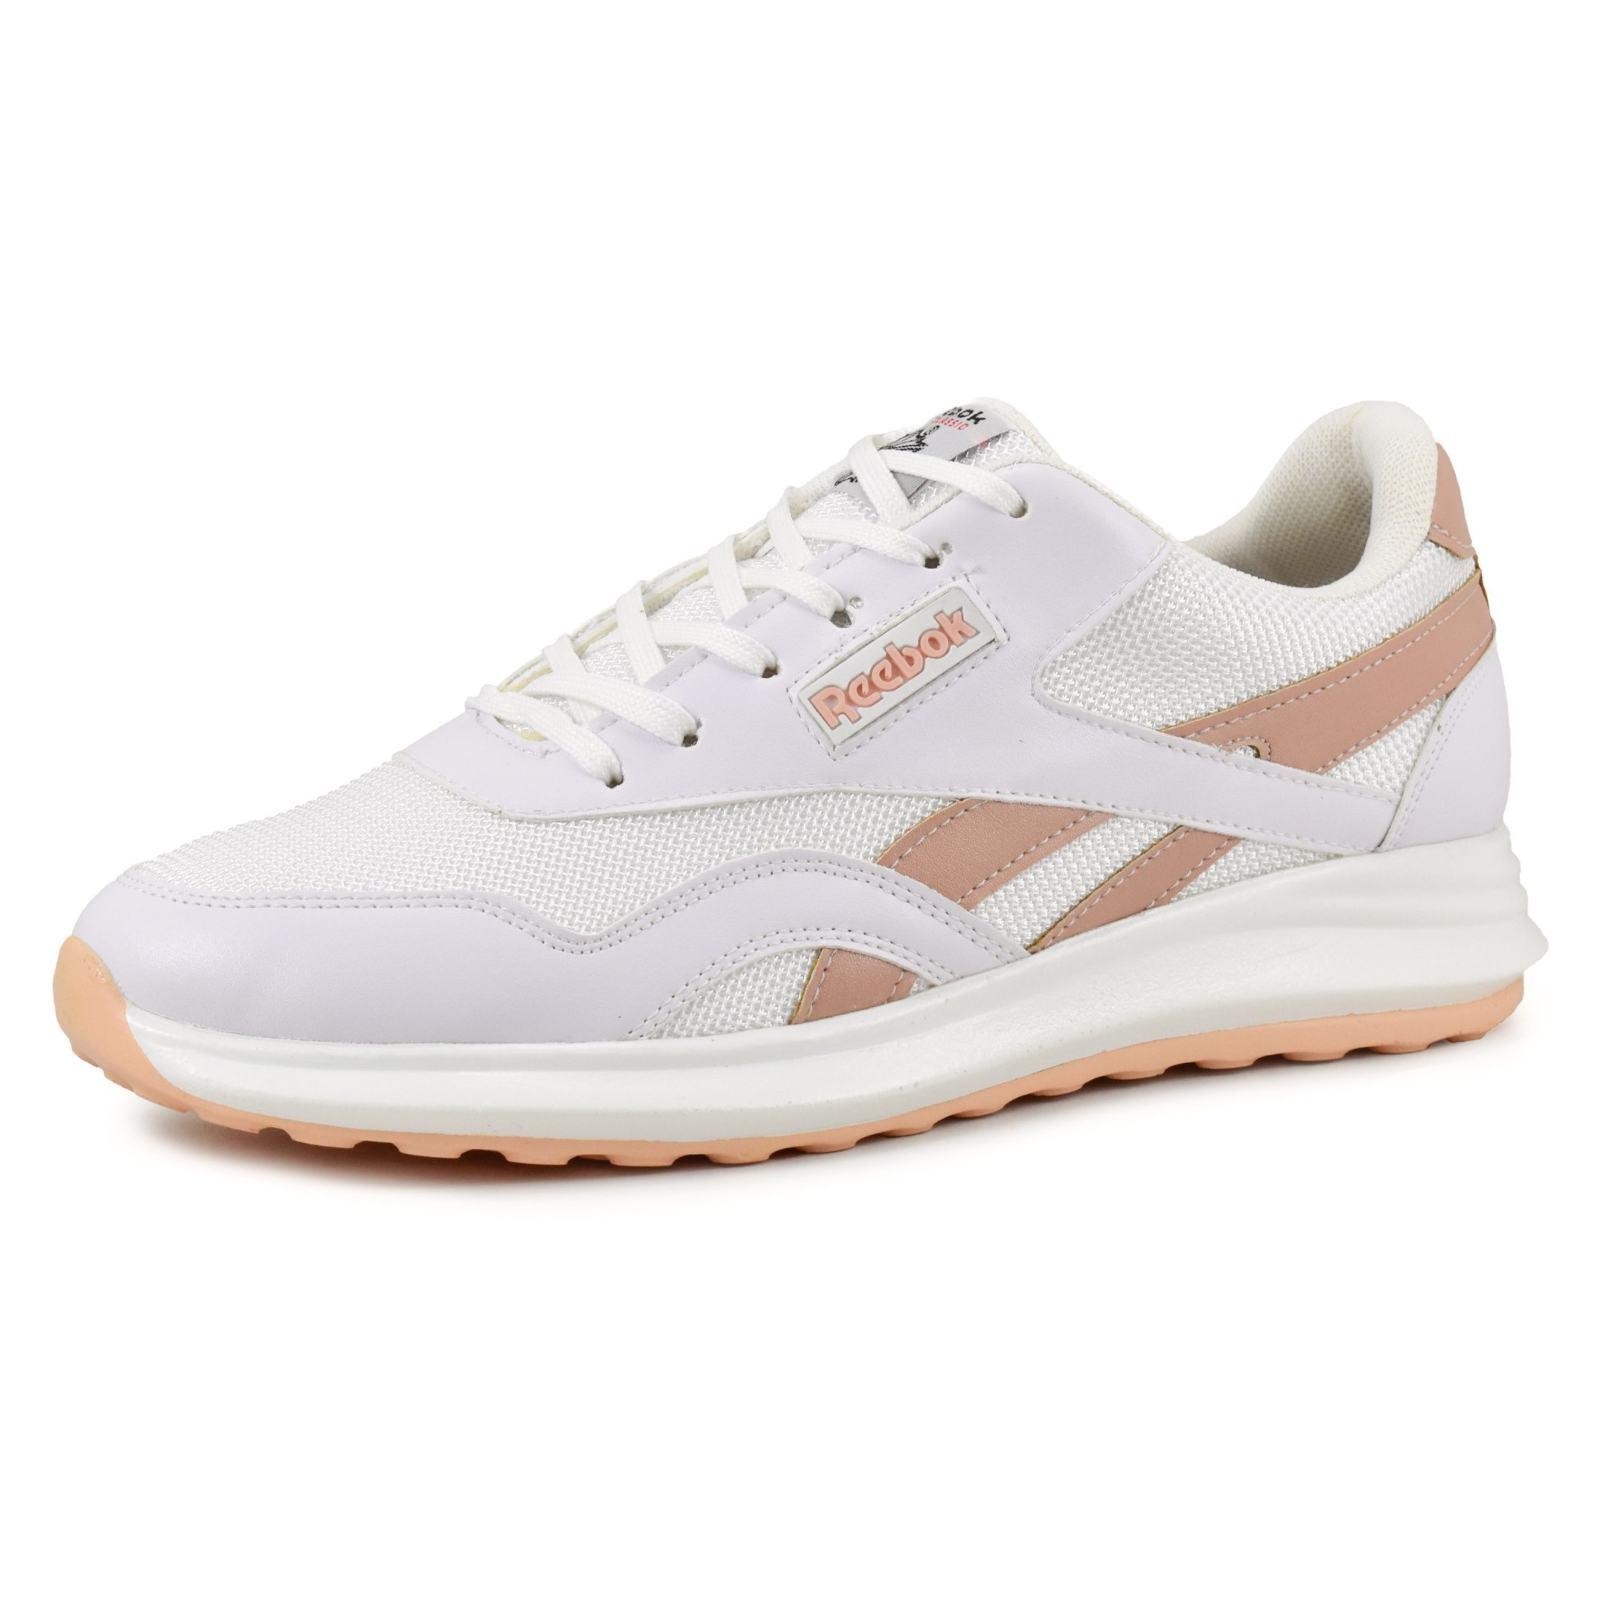 کفش پیاده روی زنانه مدل هامون کد 4692 main 1 6